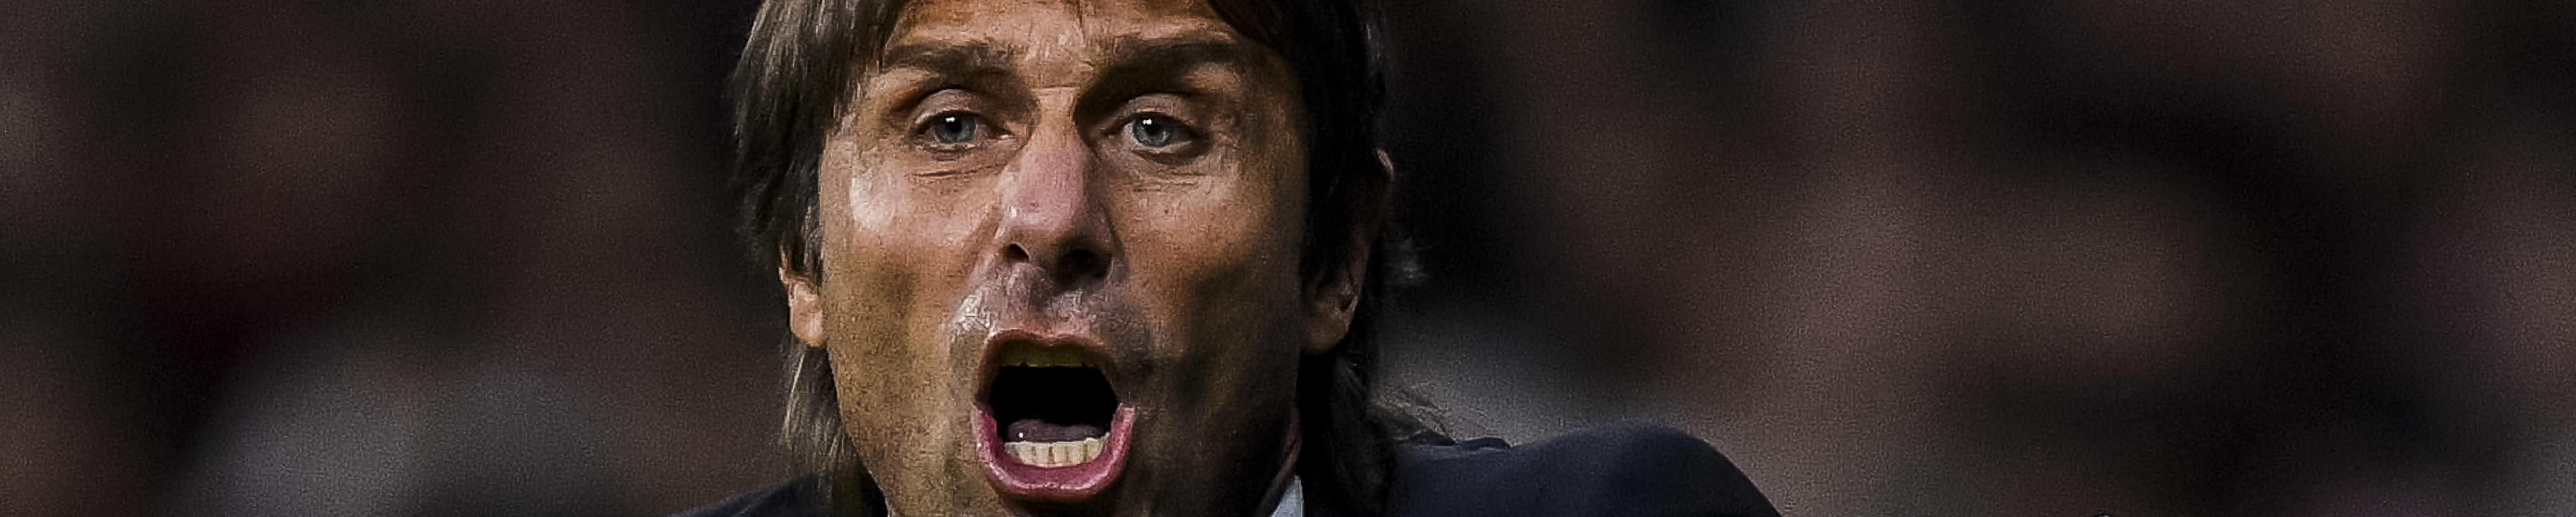 Calciomercato Inter: chi arriva, chi parte, chi resta